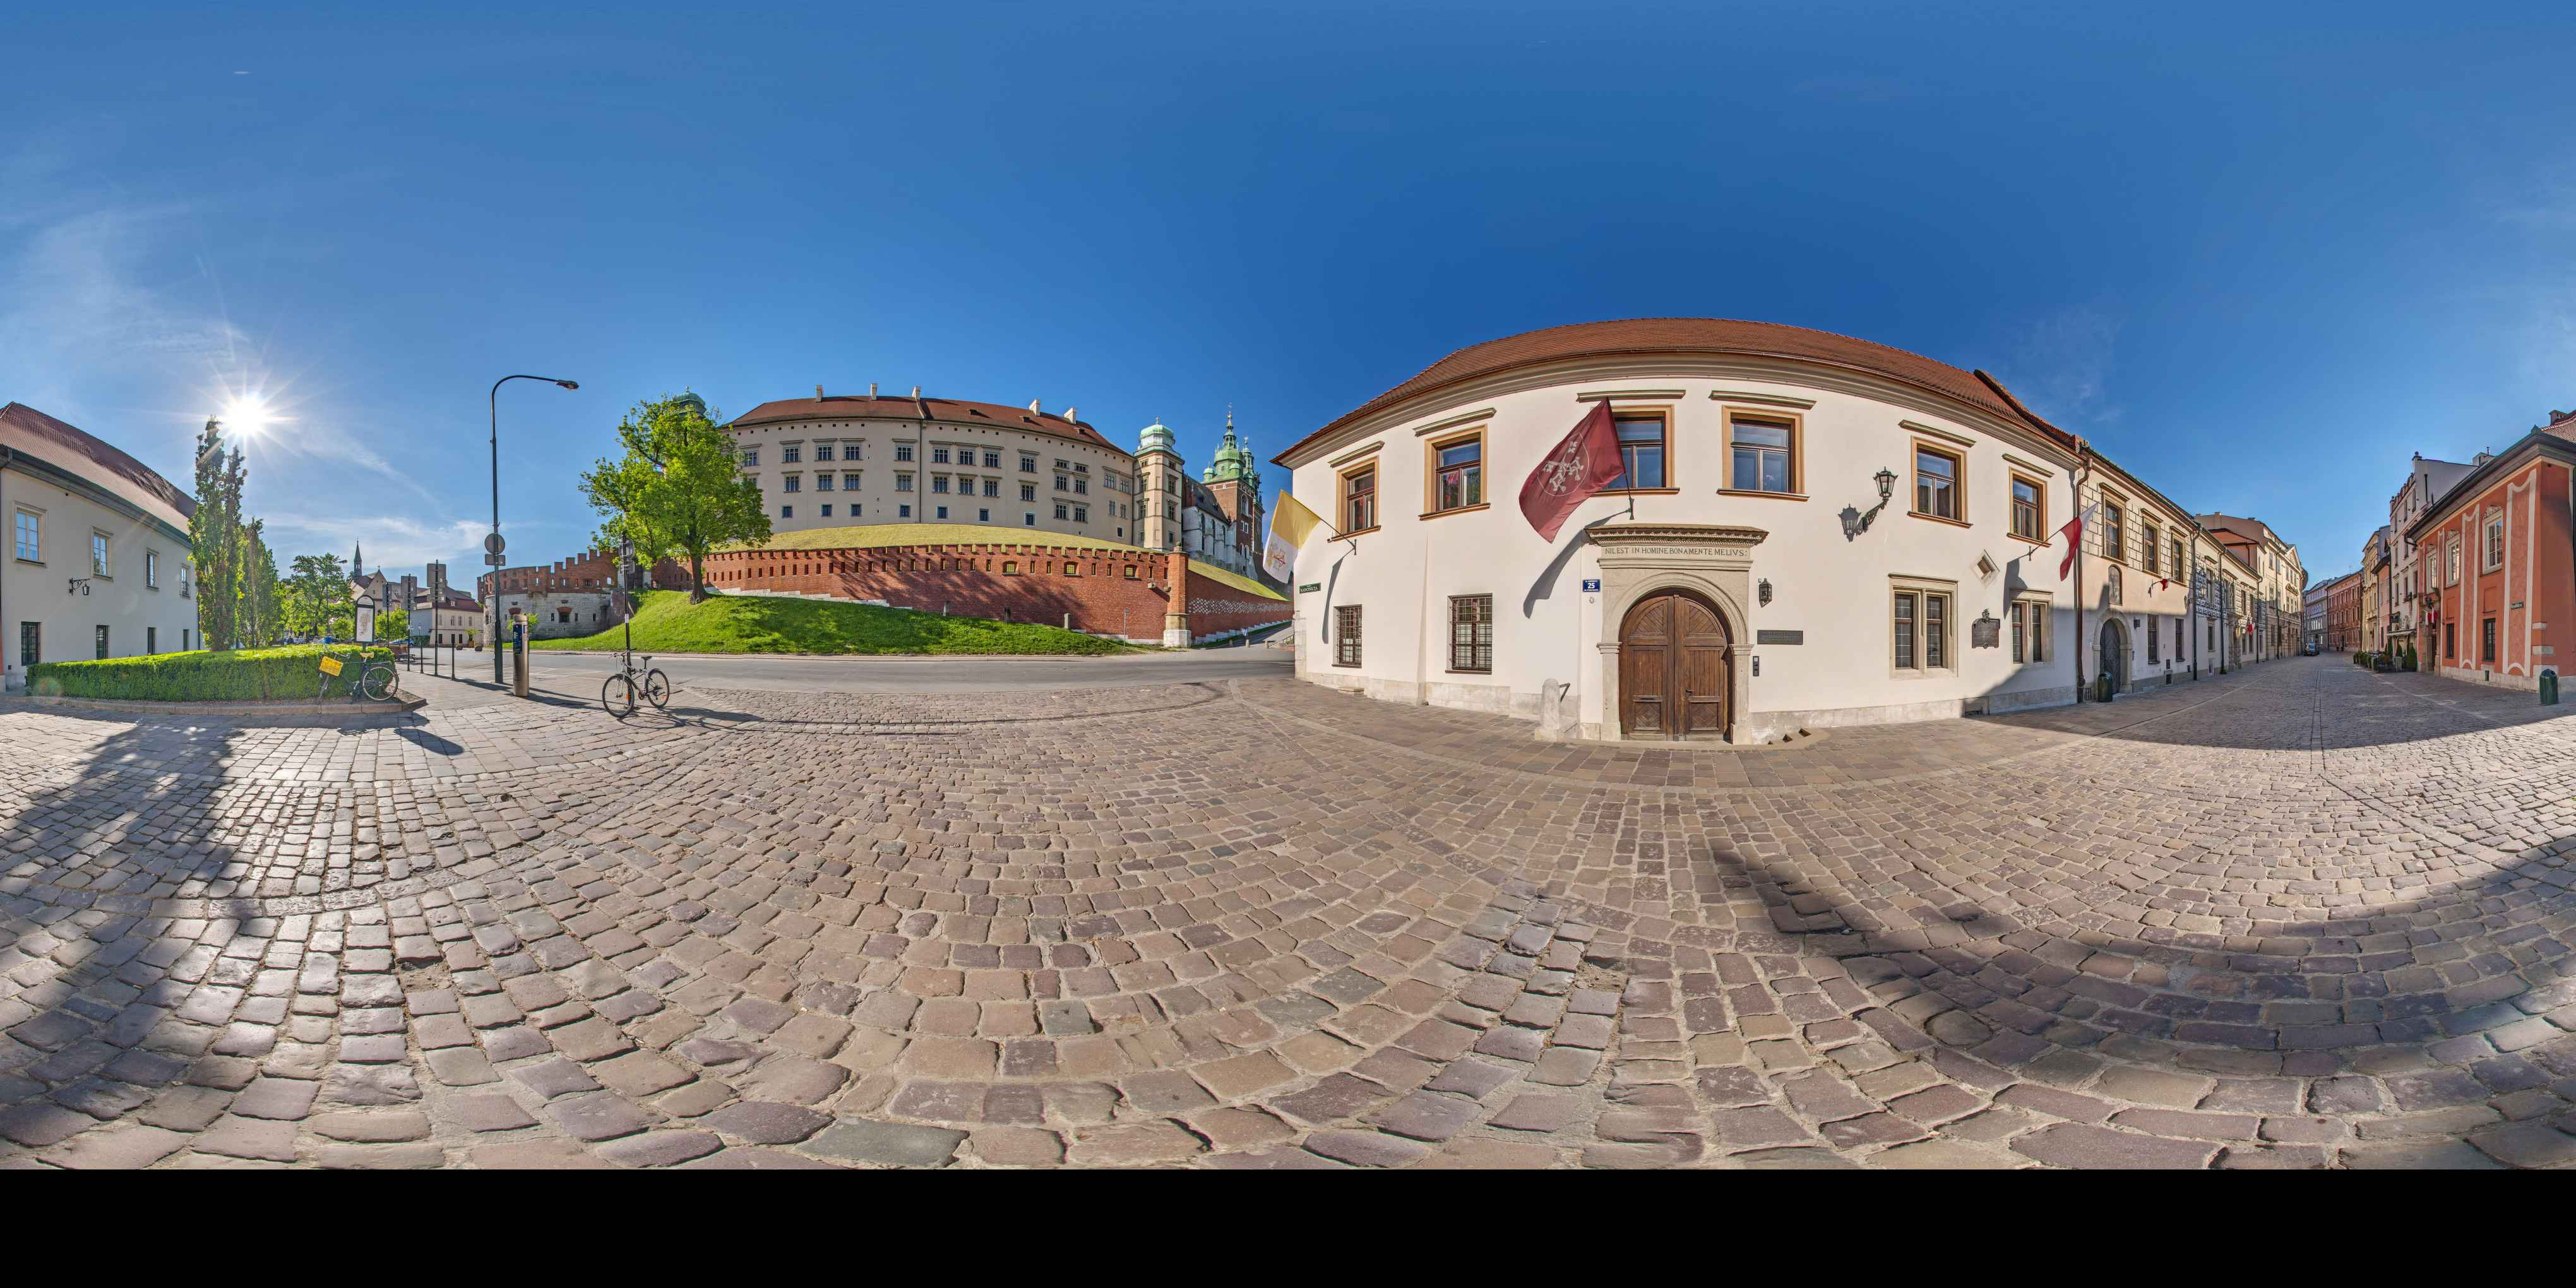 Prezentacja panoramiczna dla obiektu Uniwersytet Papieski Jana Pawła II w Krakowie